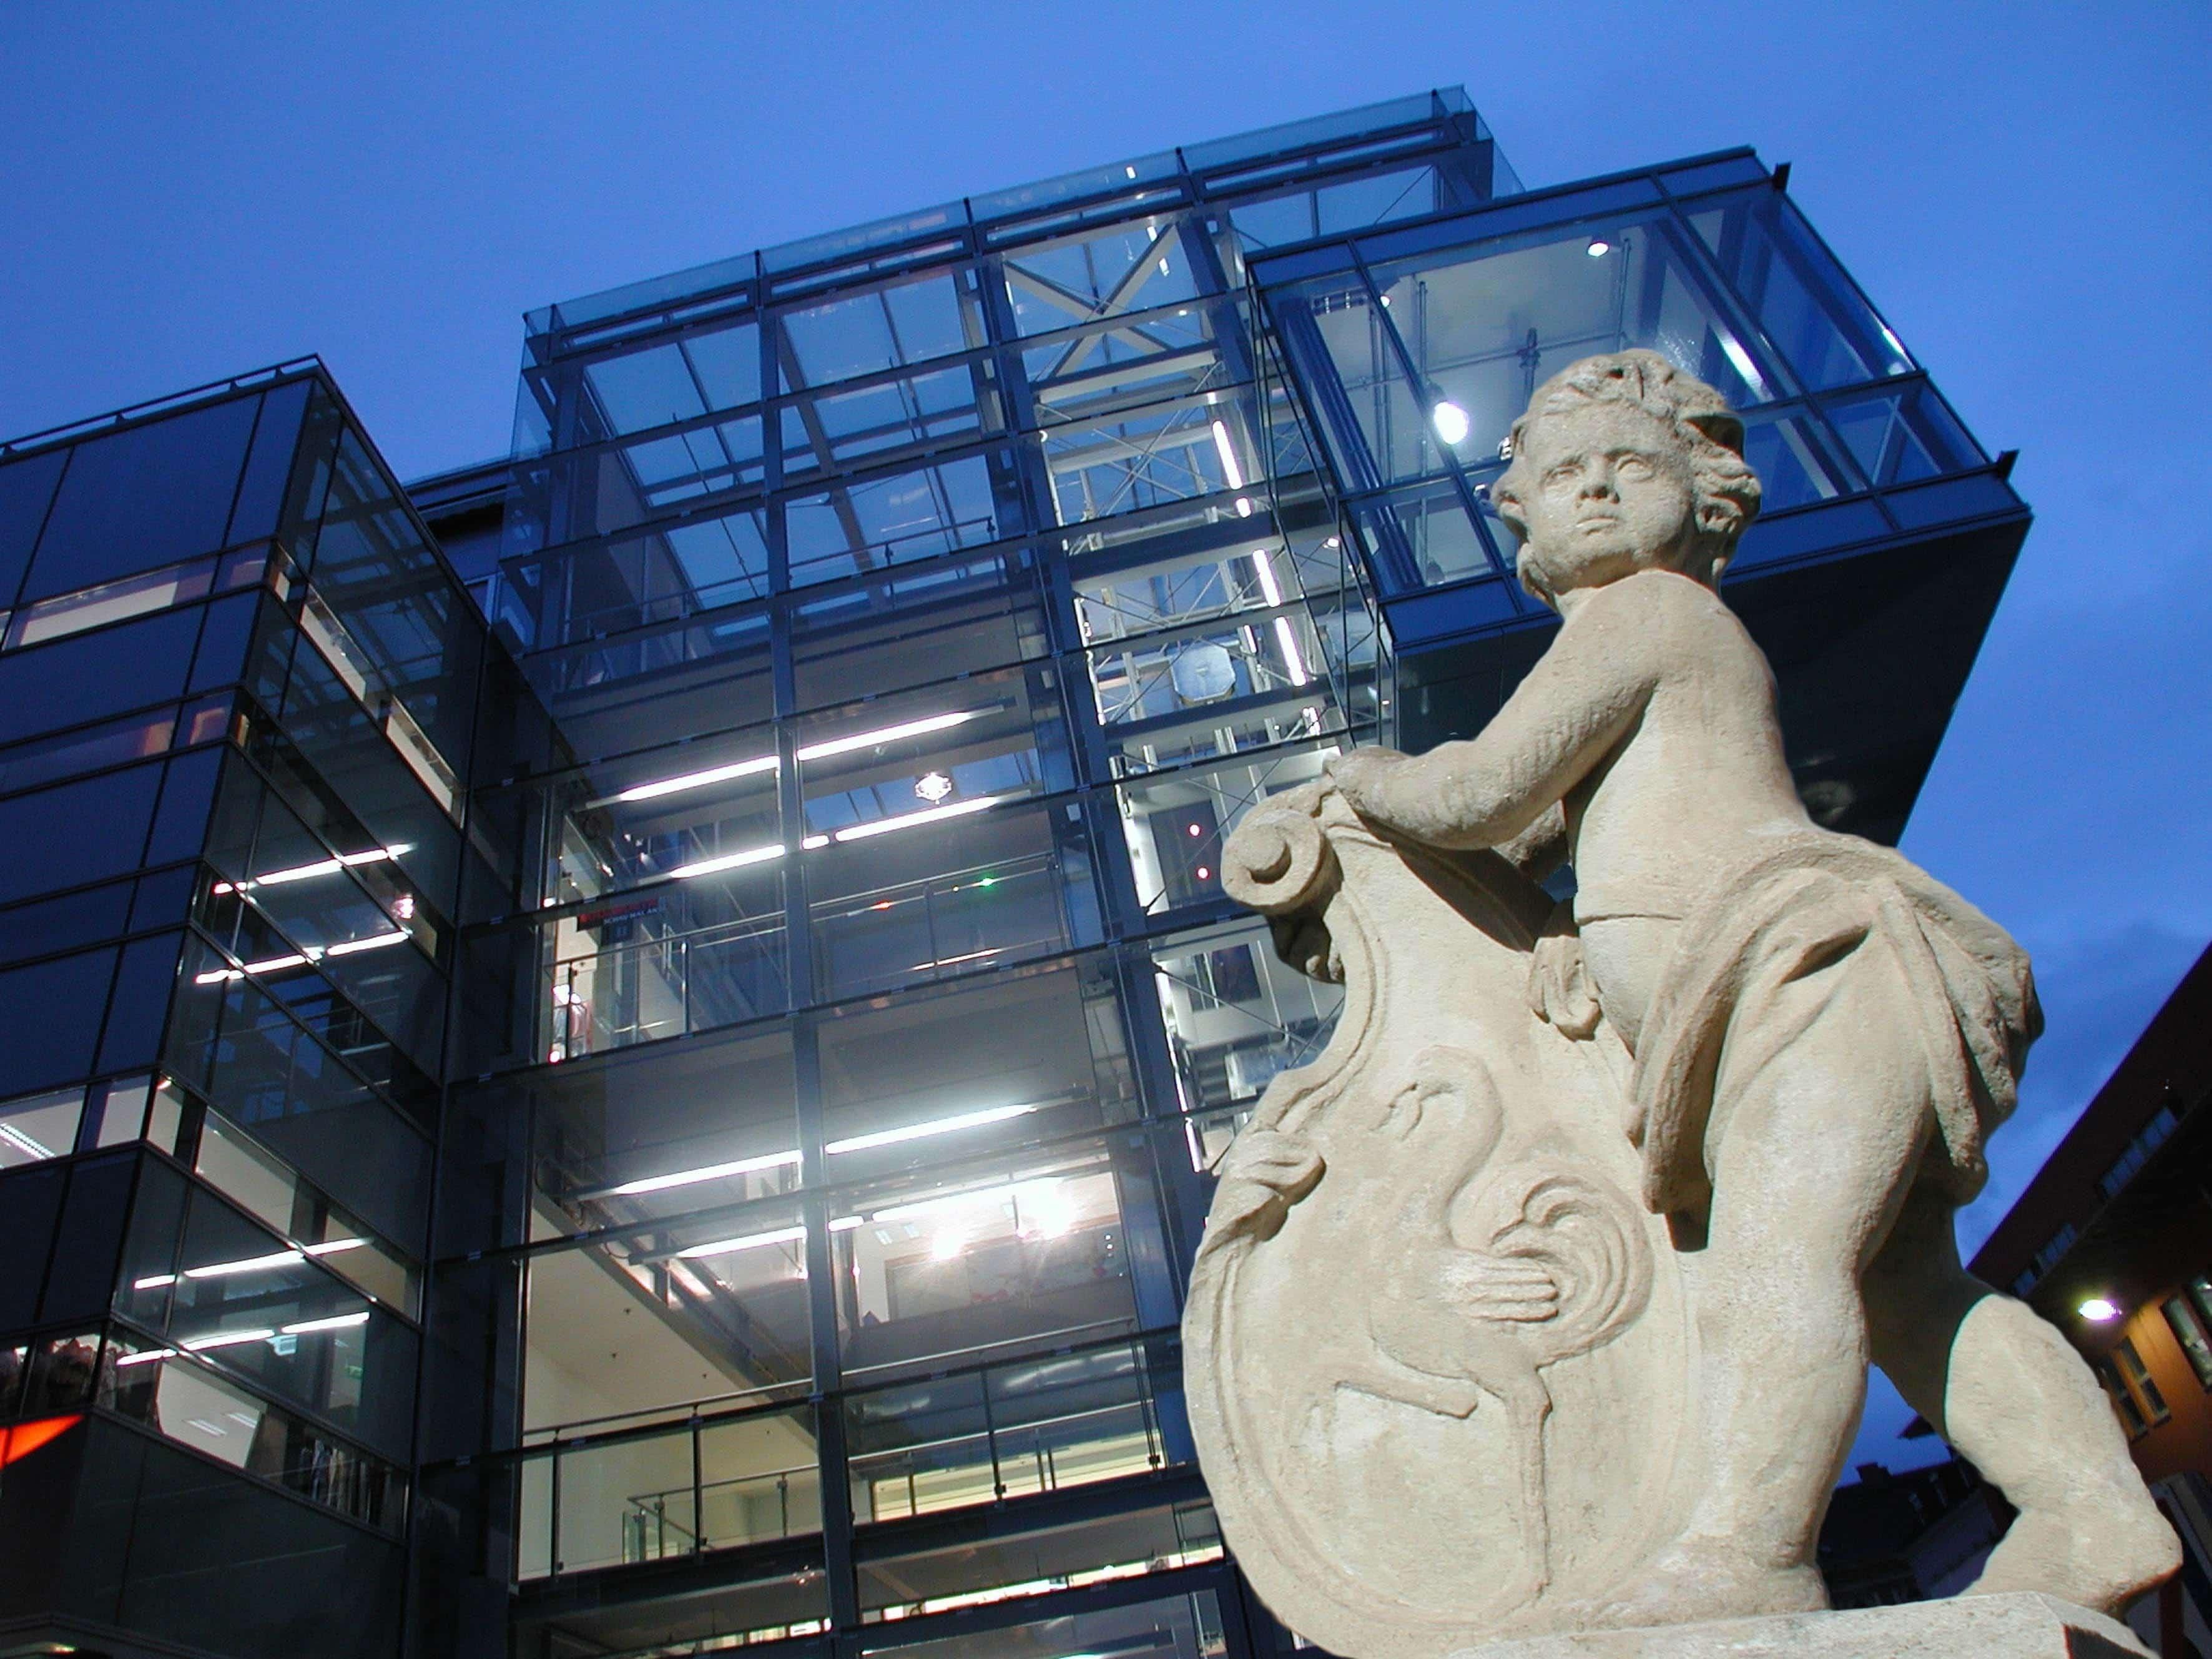 Sie sehen das Kunsthaus in Leoben mit einer Statue. JUFA Hotels bietet erlebnisreichen Städtetrip für die ganze Familie und den idealen Platz für Ihr Seminar.